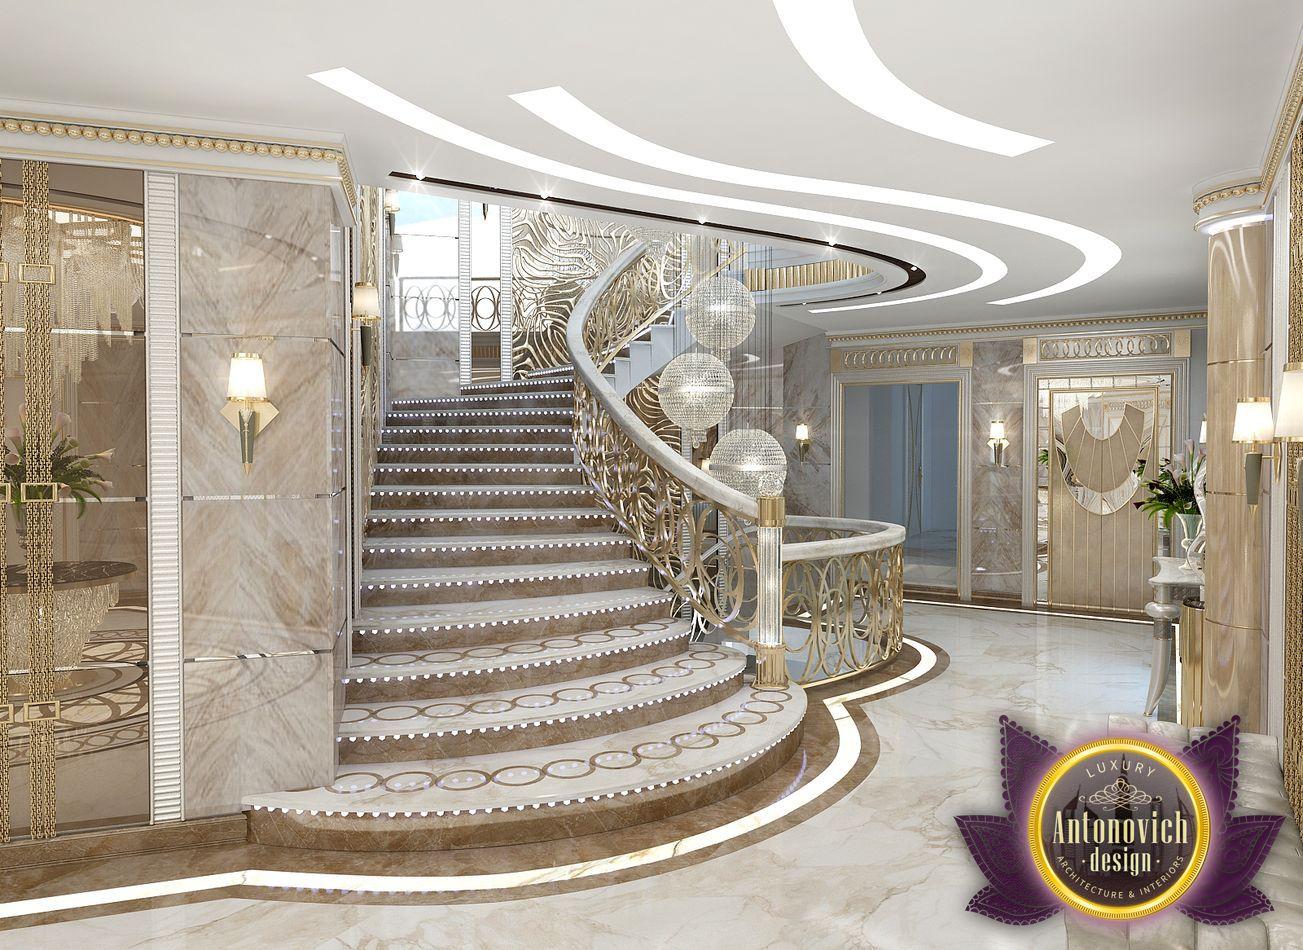 Luxury antonovich design uae interior design from katrina for Interior decoration training in nigeria